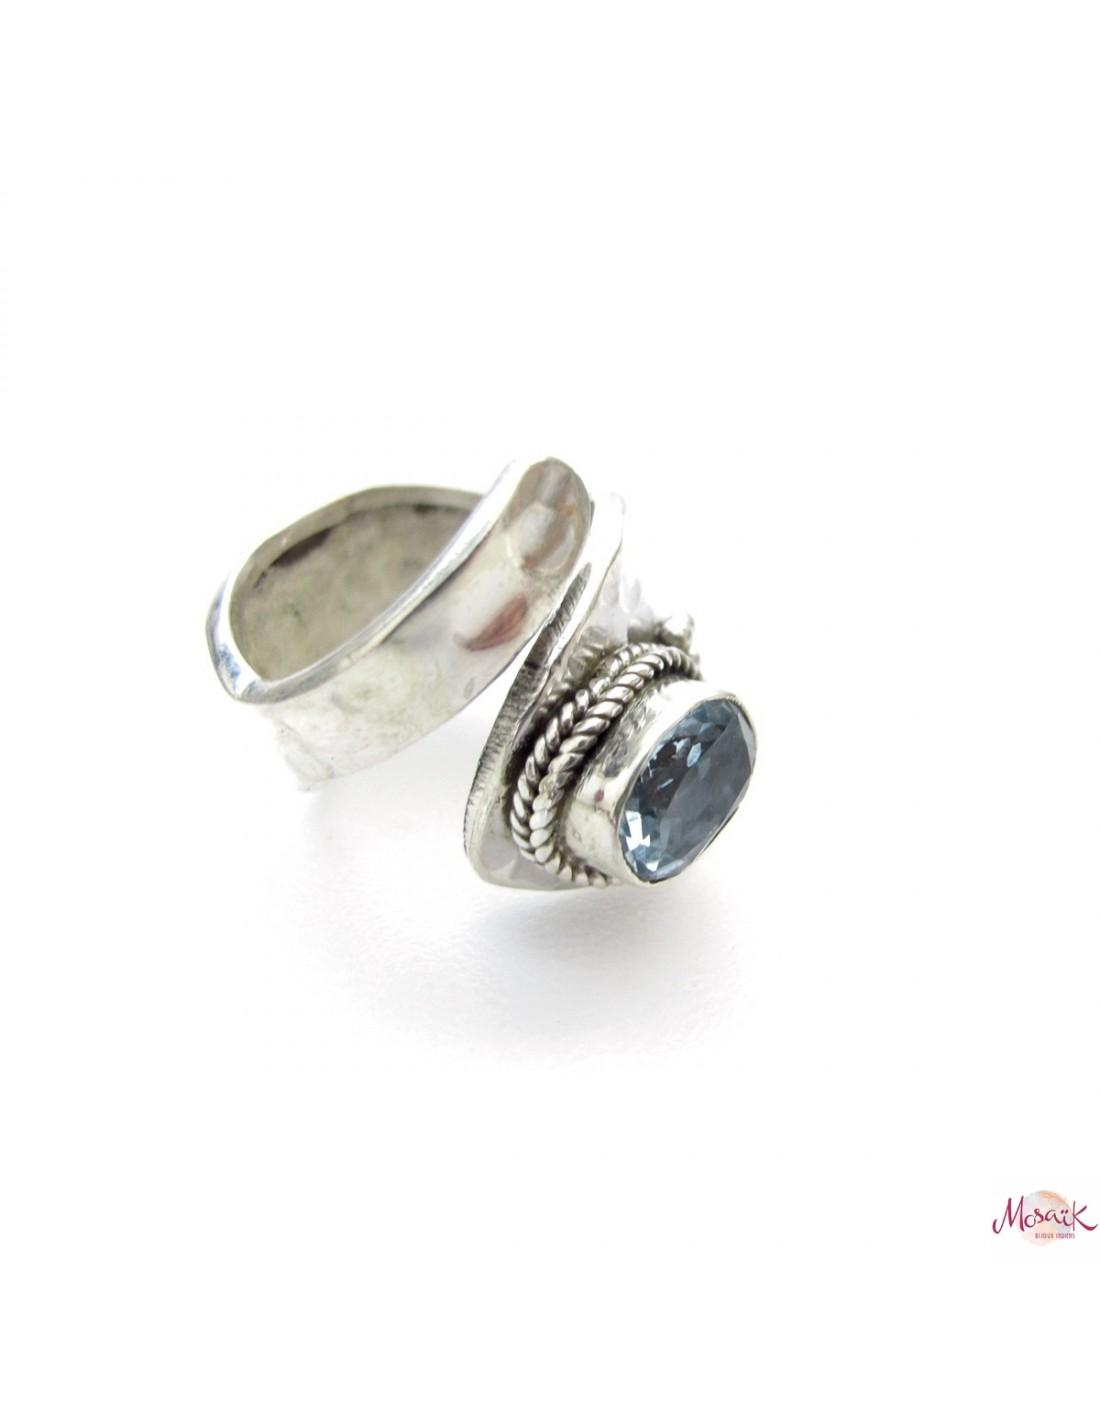 bague argent martel r glable et topaze bleu bijoux taille ajustable. Black Bedroom Furniture Sets. Home Design Ideas